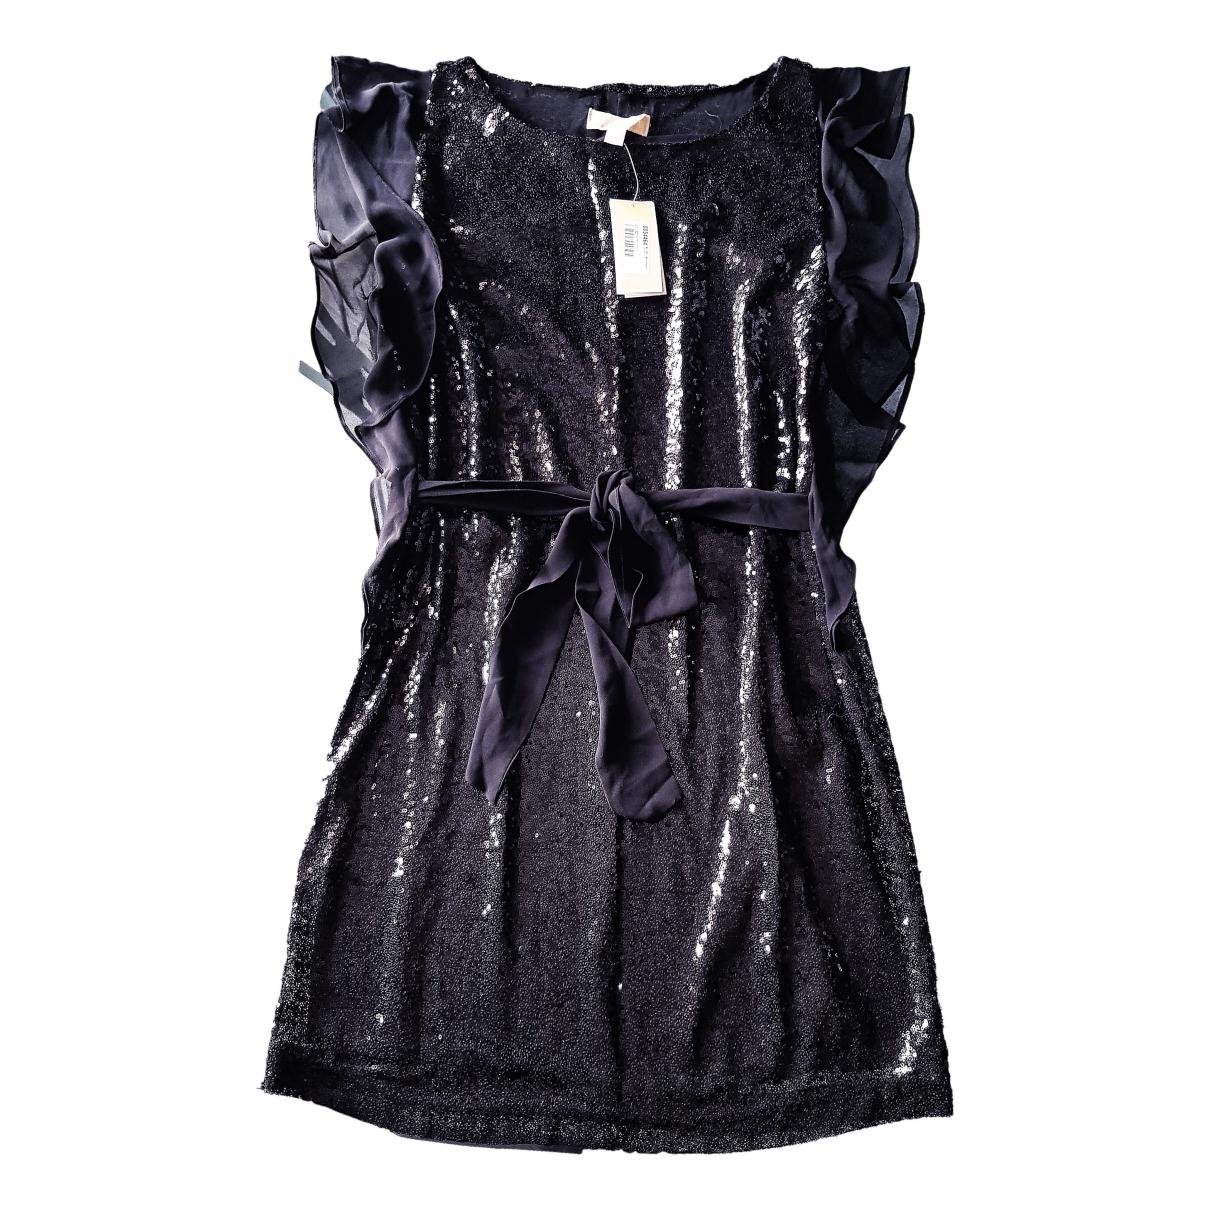 Michael Kors \N Black dress for Women L International